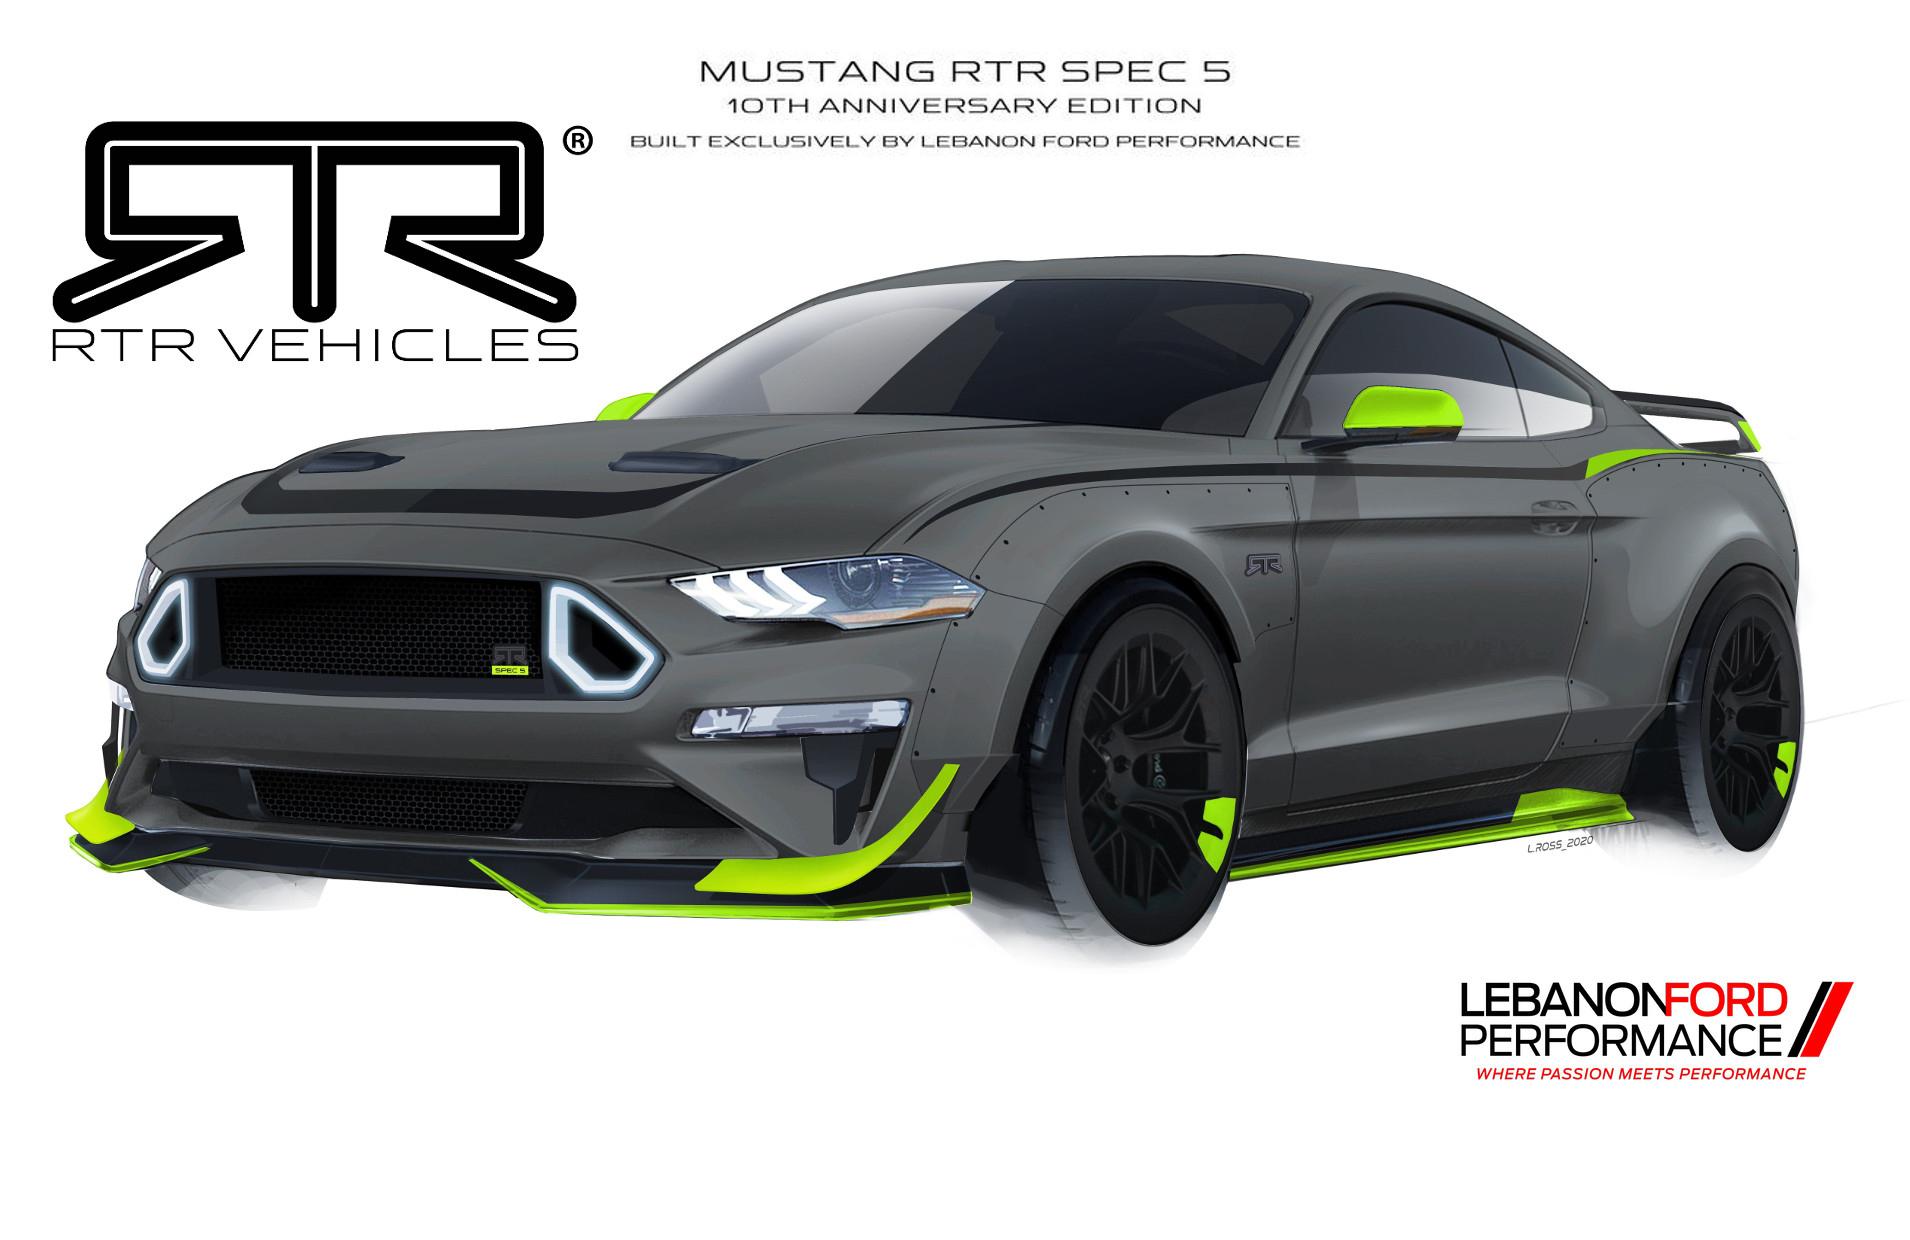 Rtr Sort Une Mustang De 750 Chevaux Ultra-Limitée Pour Ses